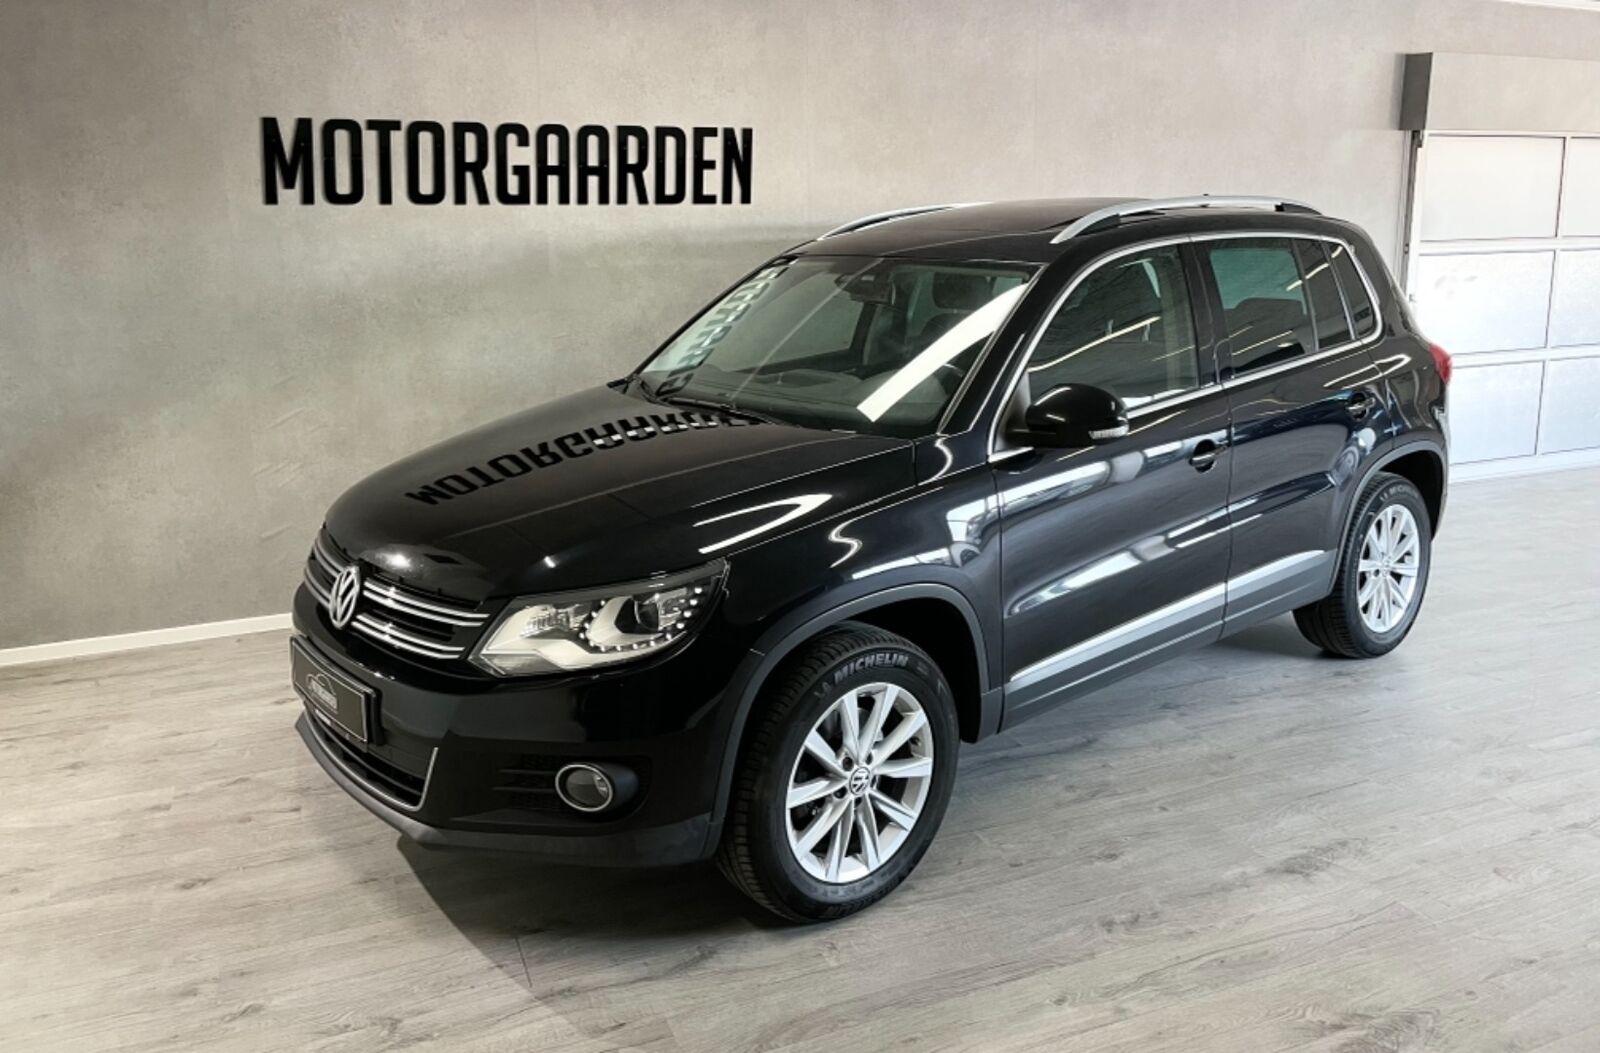 VW Tiguan 2,0 TDi 140 Sport & Style DSG 4M 5d - 149.500 kr.